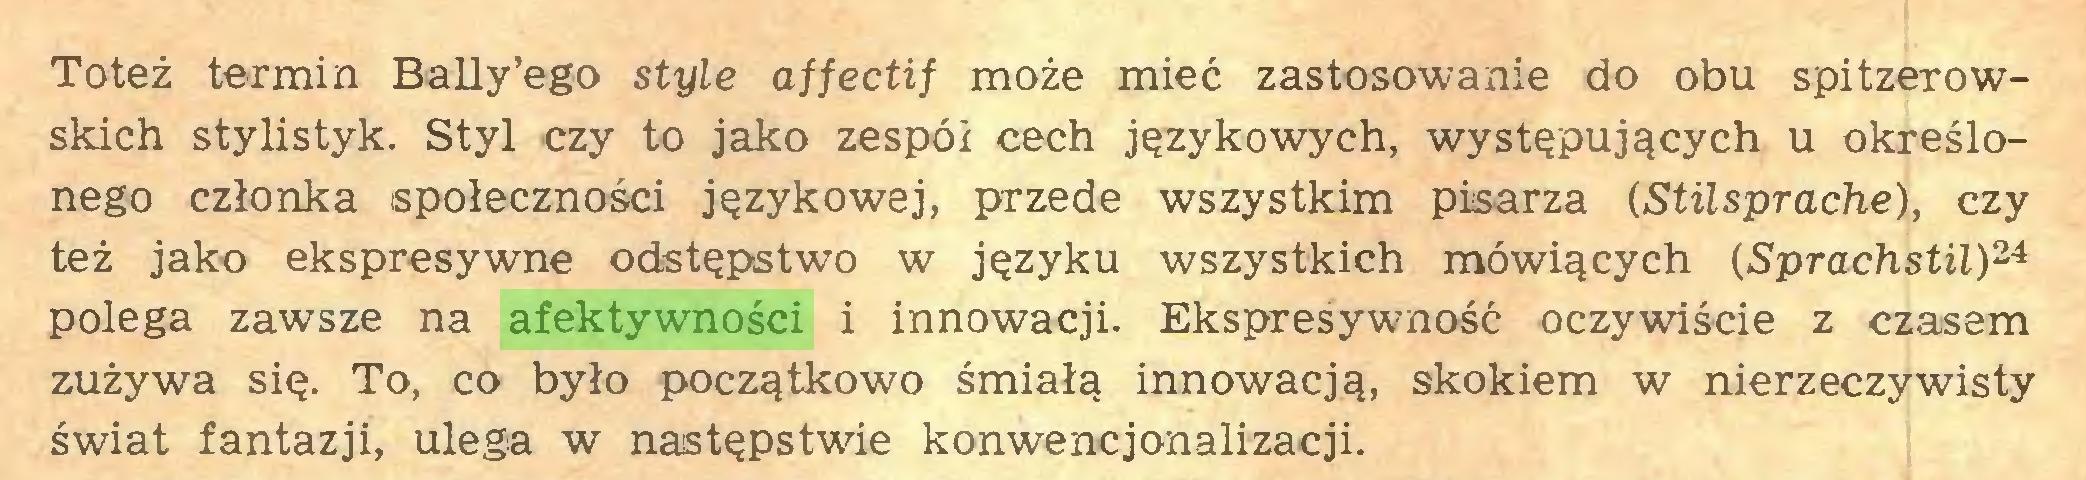 (...) Toteż termin Bally'ego style affectif może mieć zastosowanie do obu spitzerowskich stylistyk. Styl czy to jako zespói cech językowych, występujących u określonego członka społeczności językowej, przede wszystkim pisarza (Stilsprache), czy też jako ekspresywne odstępstwo w języku wszystkich mówiących (Sprachstil)24 polega zawsze na afektywności i innowacji. Ekspresywność oczywiście z czasem zużywa się. To, co było początkowo śmiałą innowacją, skokiem w nierzeczywisty świat fantazji, ulega w następstwie konwencjonalizacji...